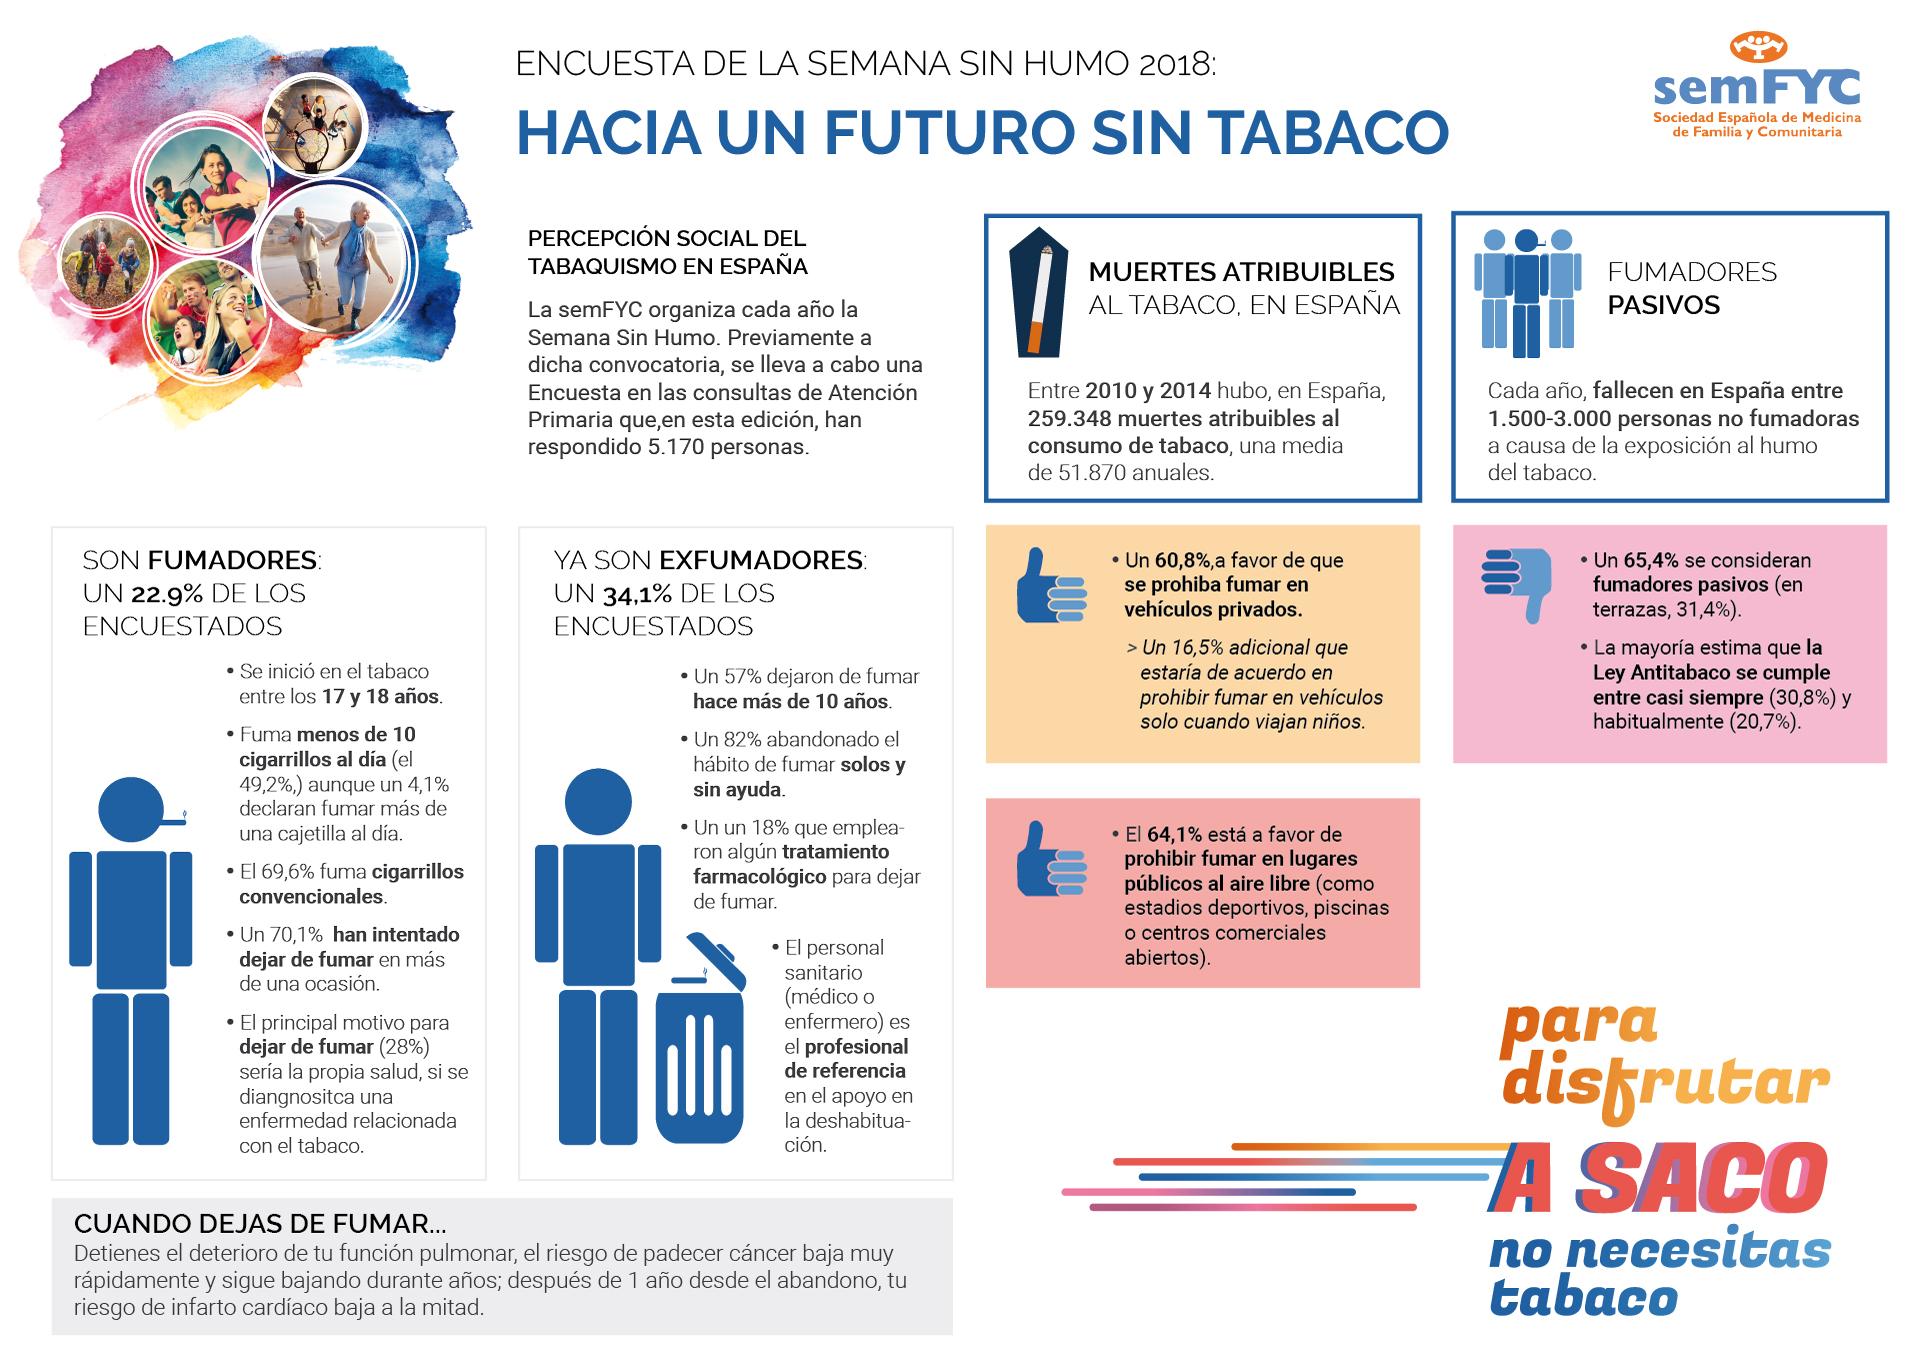 Infográfico de la Semana Sin Humo 2018, semFYC. Estadísticas tabaquismo y percepción social del consumo del tabaco en España. Sociedad Española de Medicina de Familia y Comunitaria (semFYC)